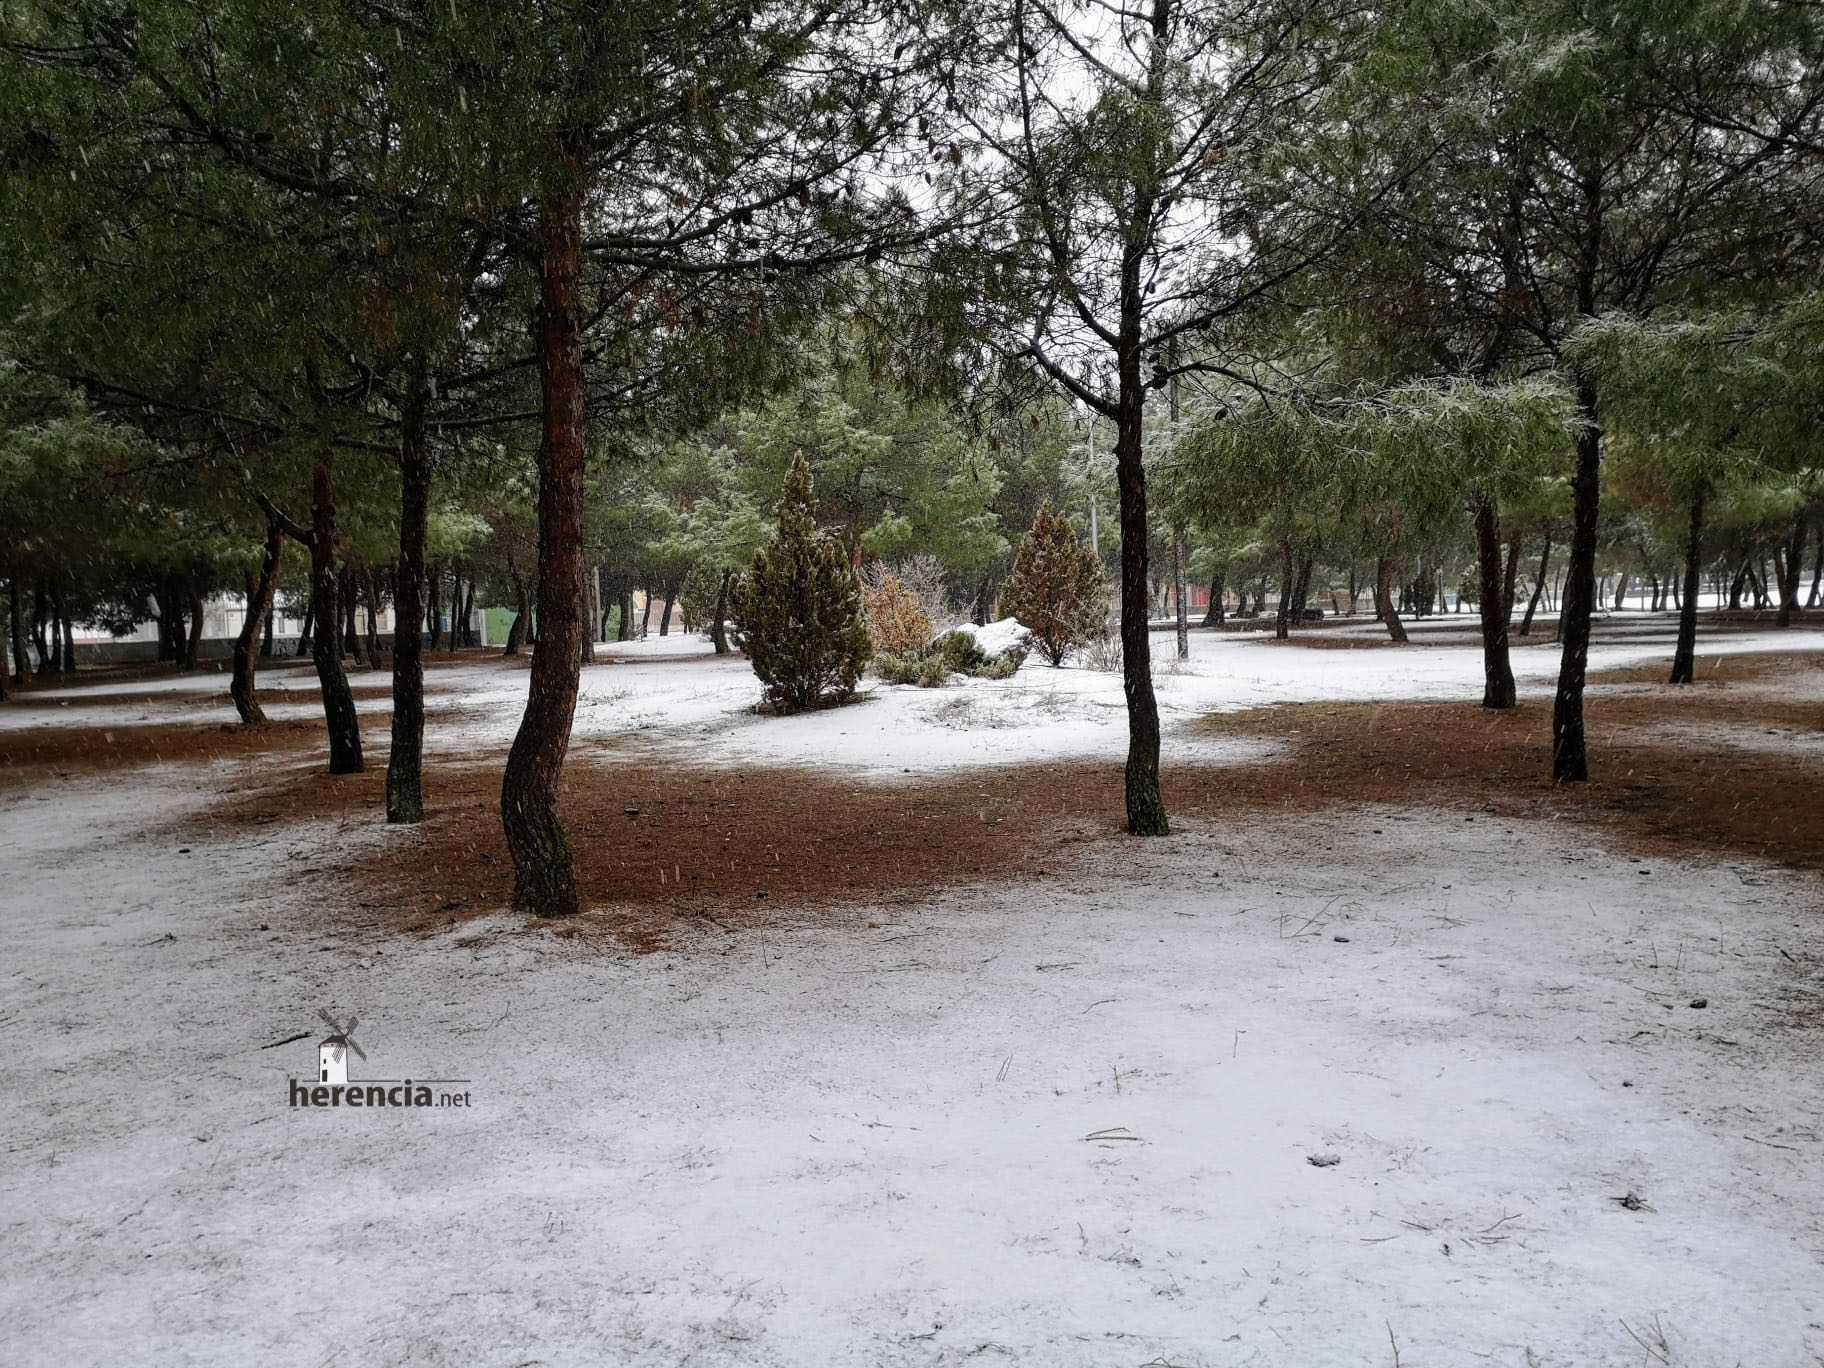 Las nevadas llegan Herencia y a toda Castilla-La Mancha 21